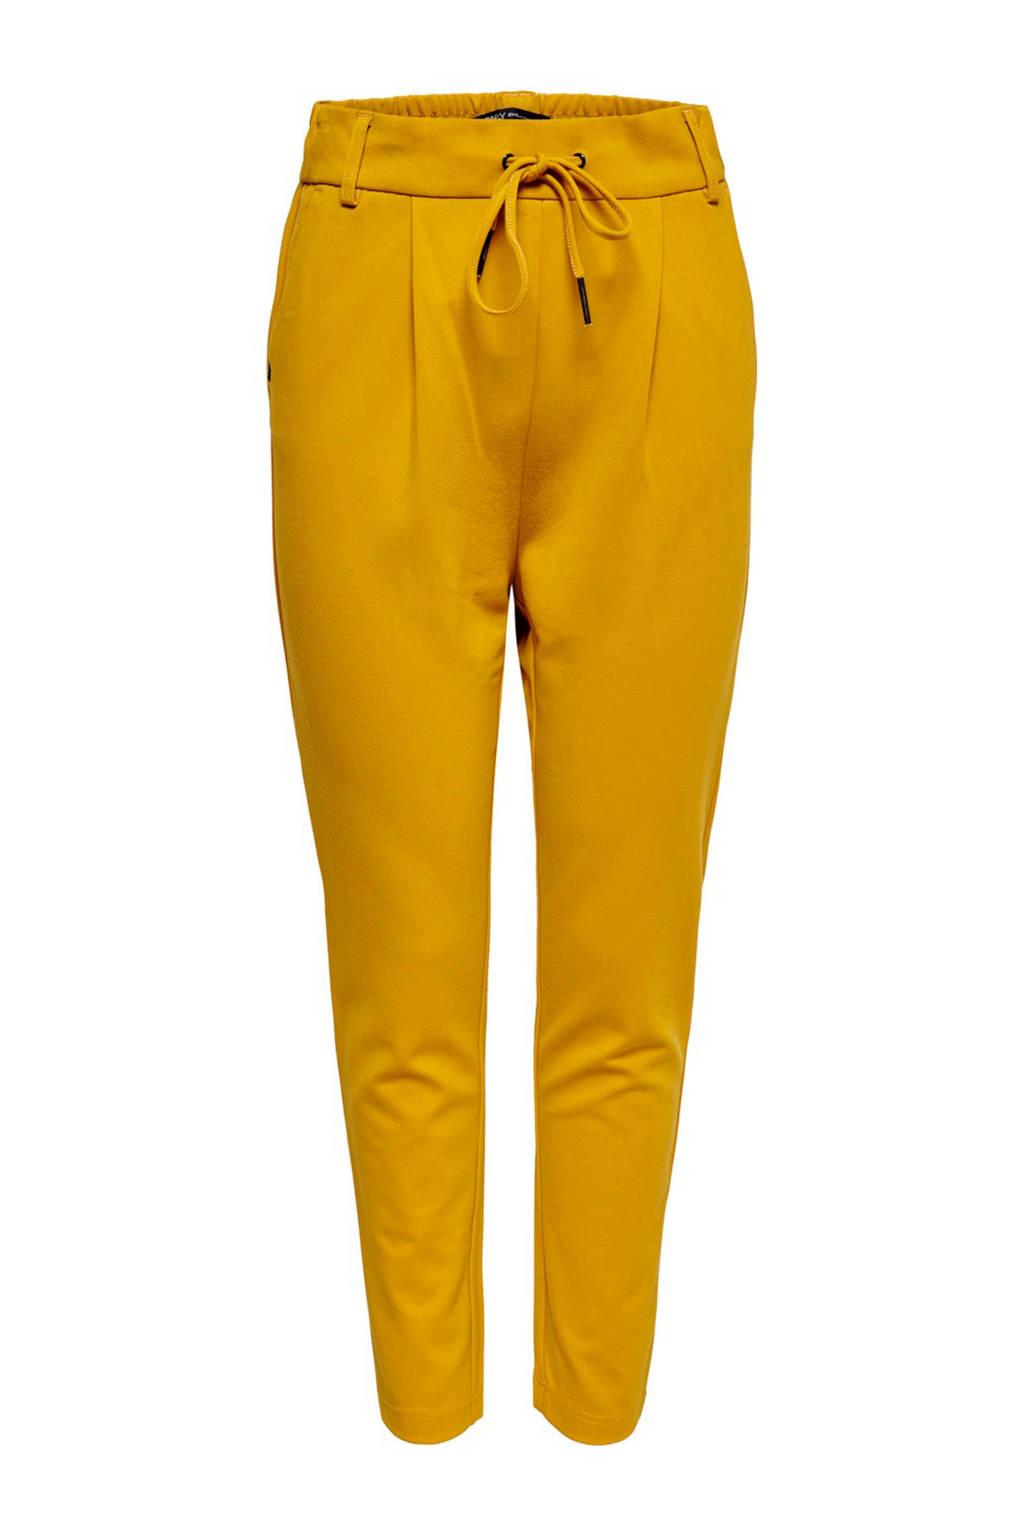 ONLY slim fit broek geel, Geel